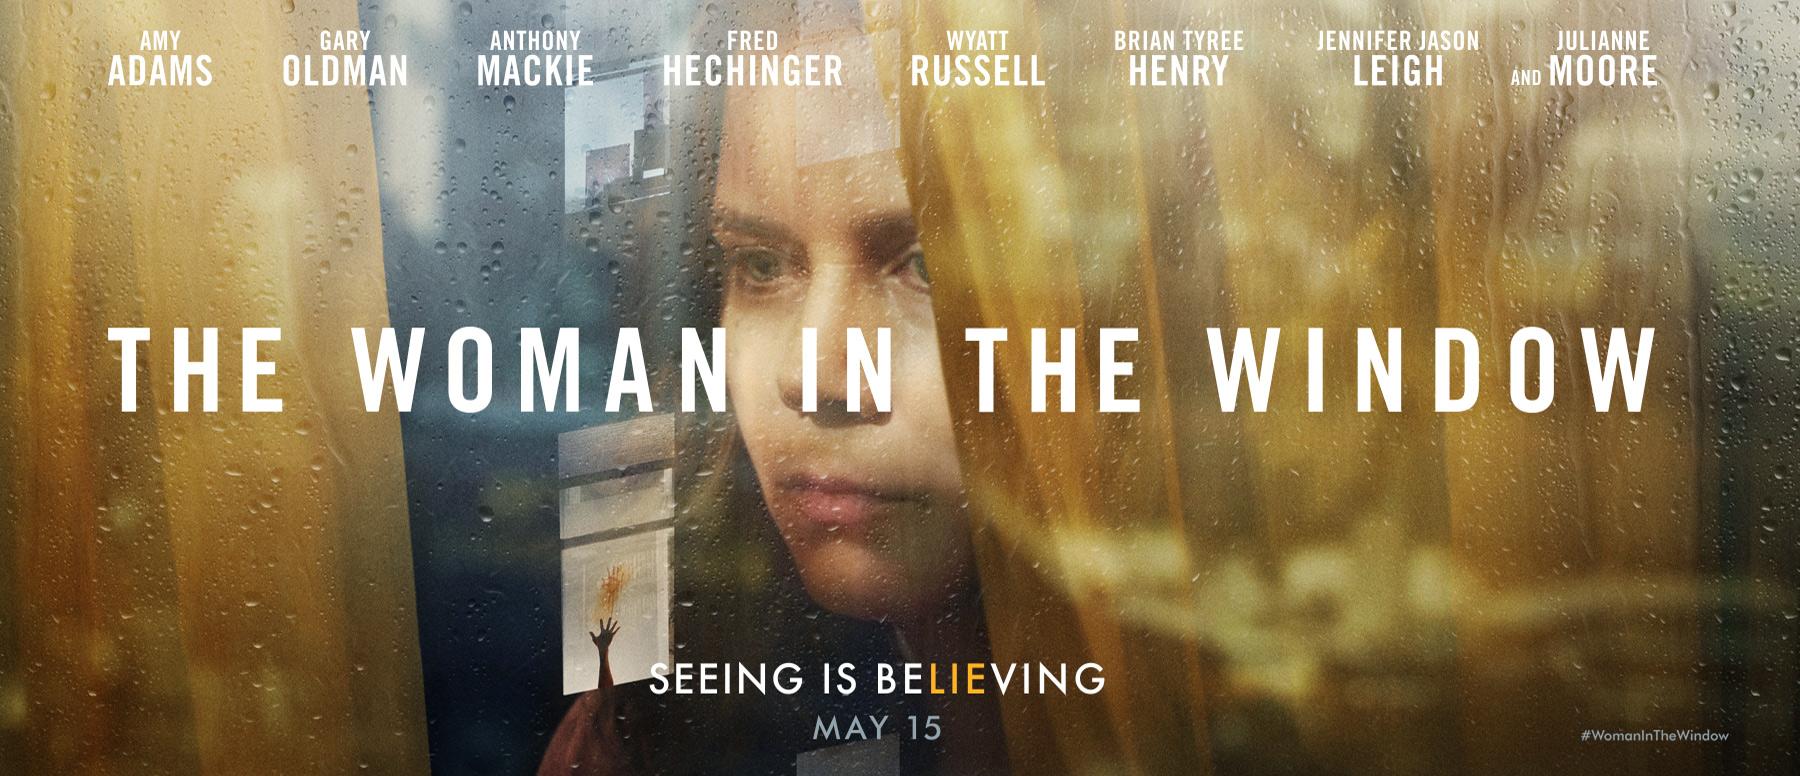 Hay nuevo tráiler del thriller 'The Woman in the Window' con Amy Adams